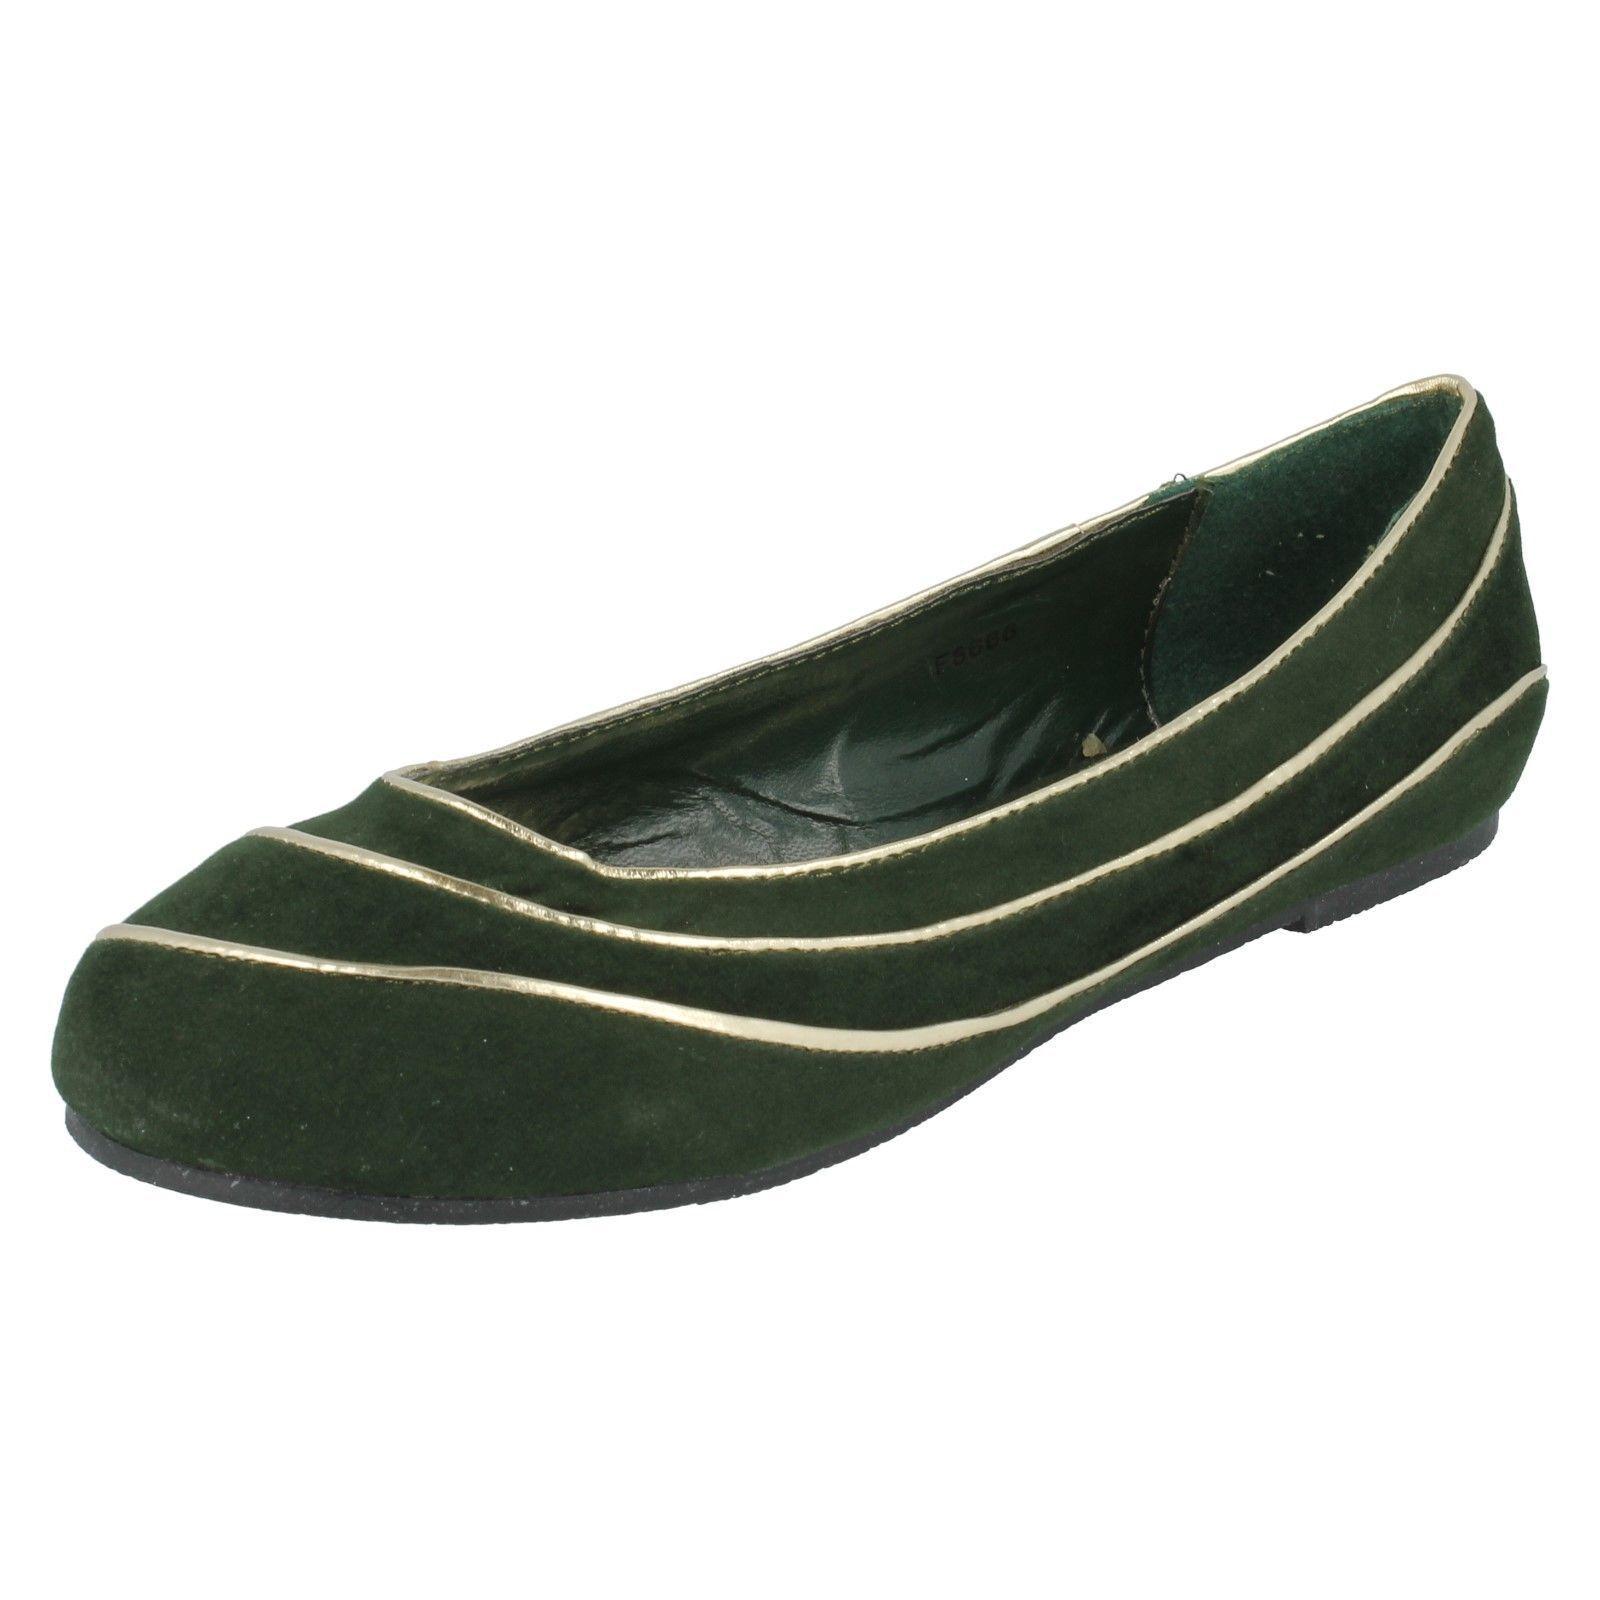 Spot ballerine On f8666 FEMMES Style ballerine Spot chaussure vert faux daim (32A) ( Kett ) f18aa5